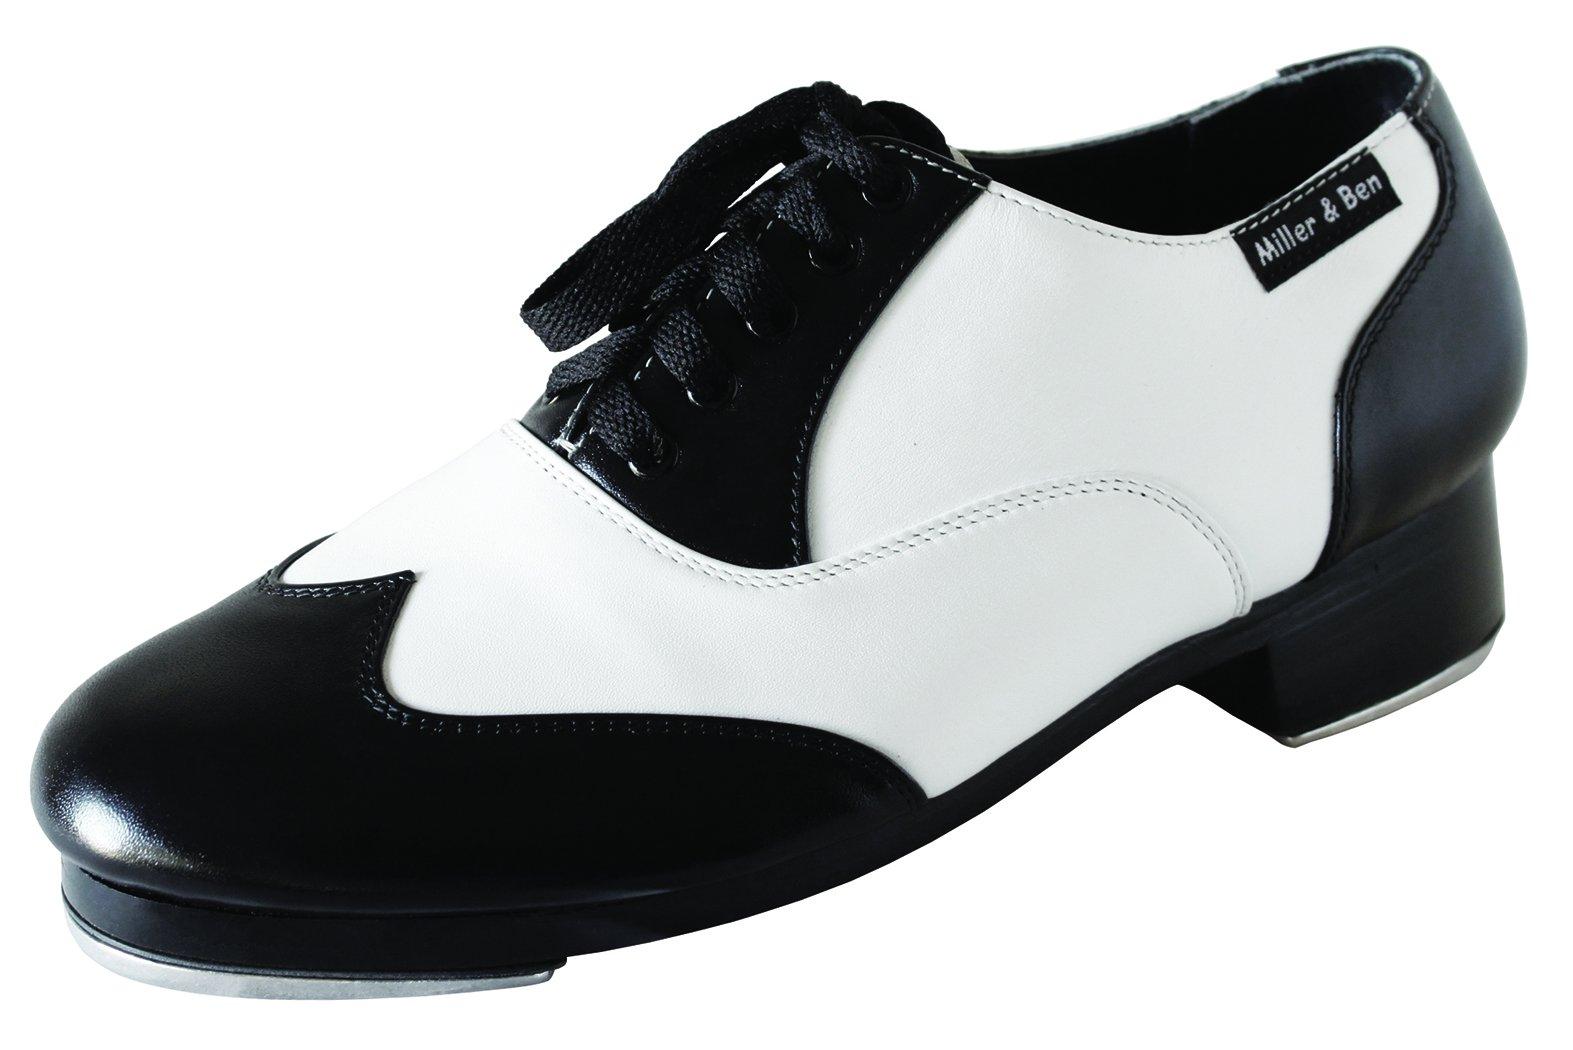 Miller & Ben Tap Shoes; Jazz-Tap Master; Black & White - Standard Sizes ONLY (43 Regular)